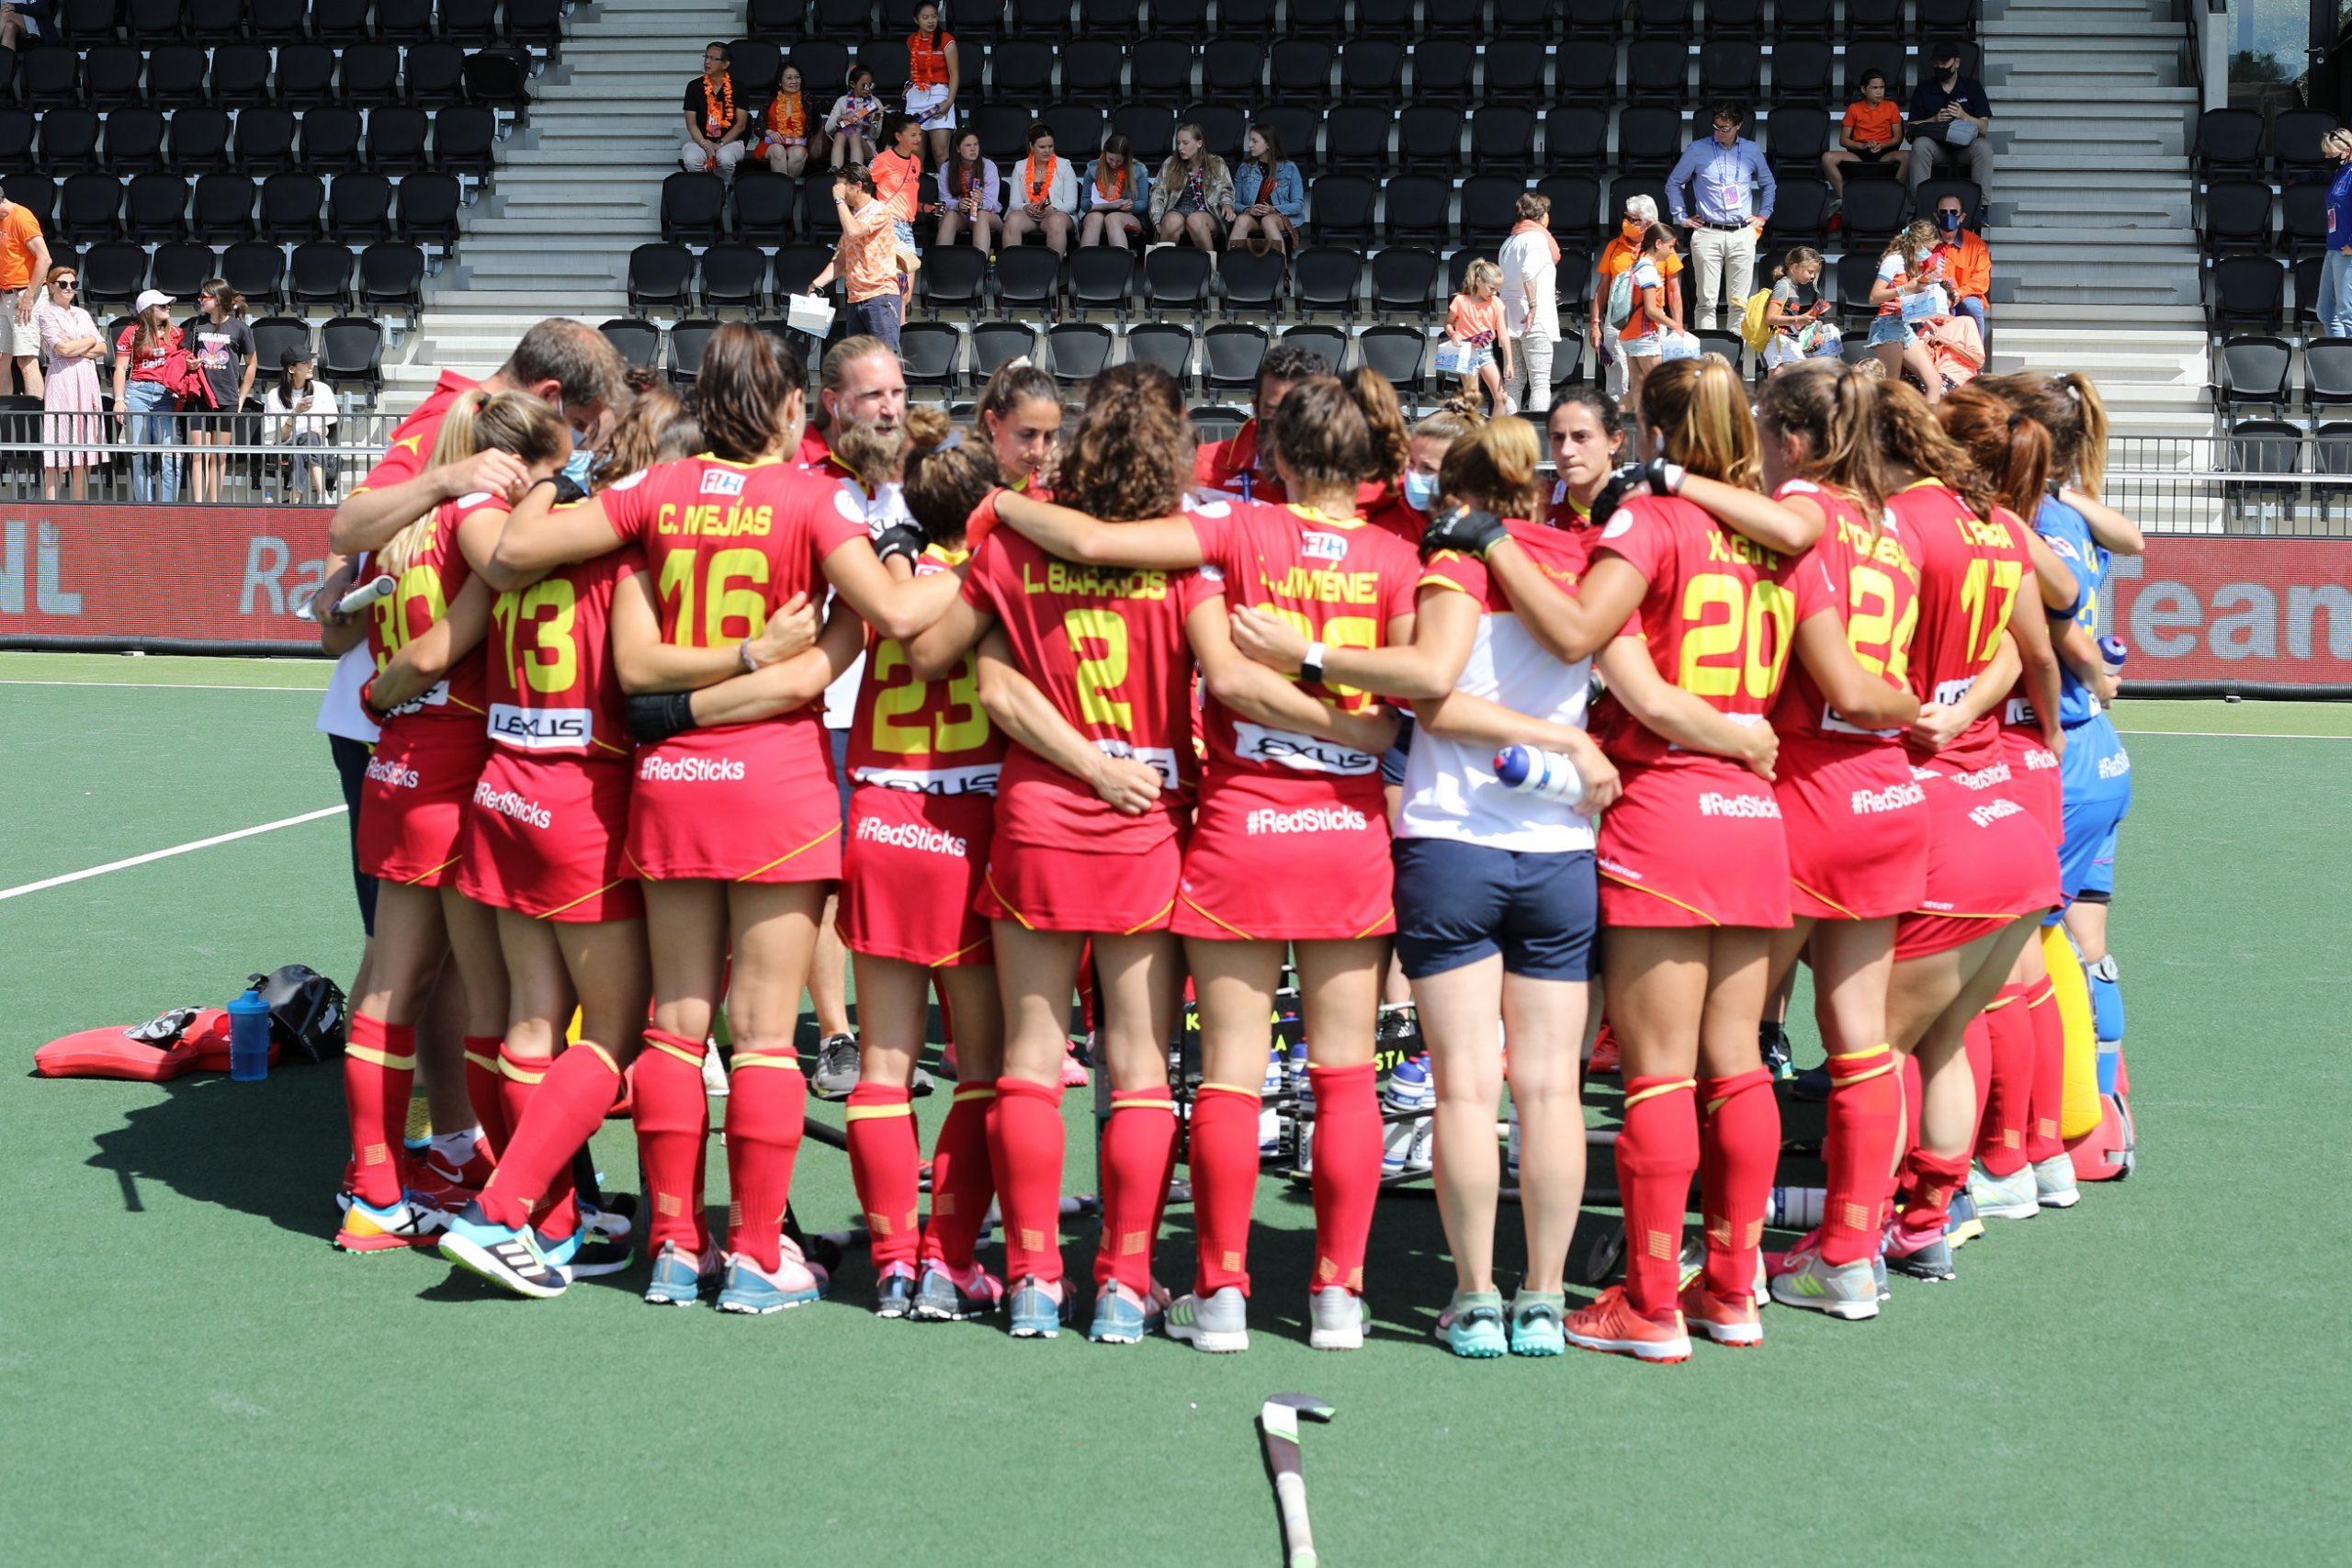 La selecció espanyola ha quedat quarta a l'Europeu | RFEF